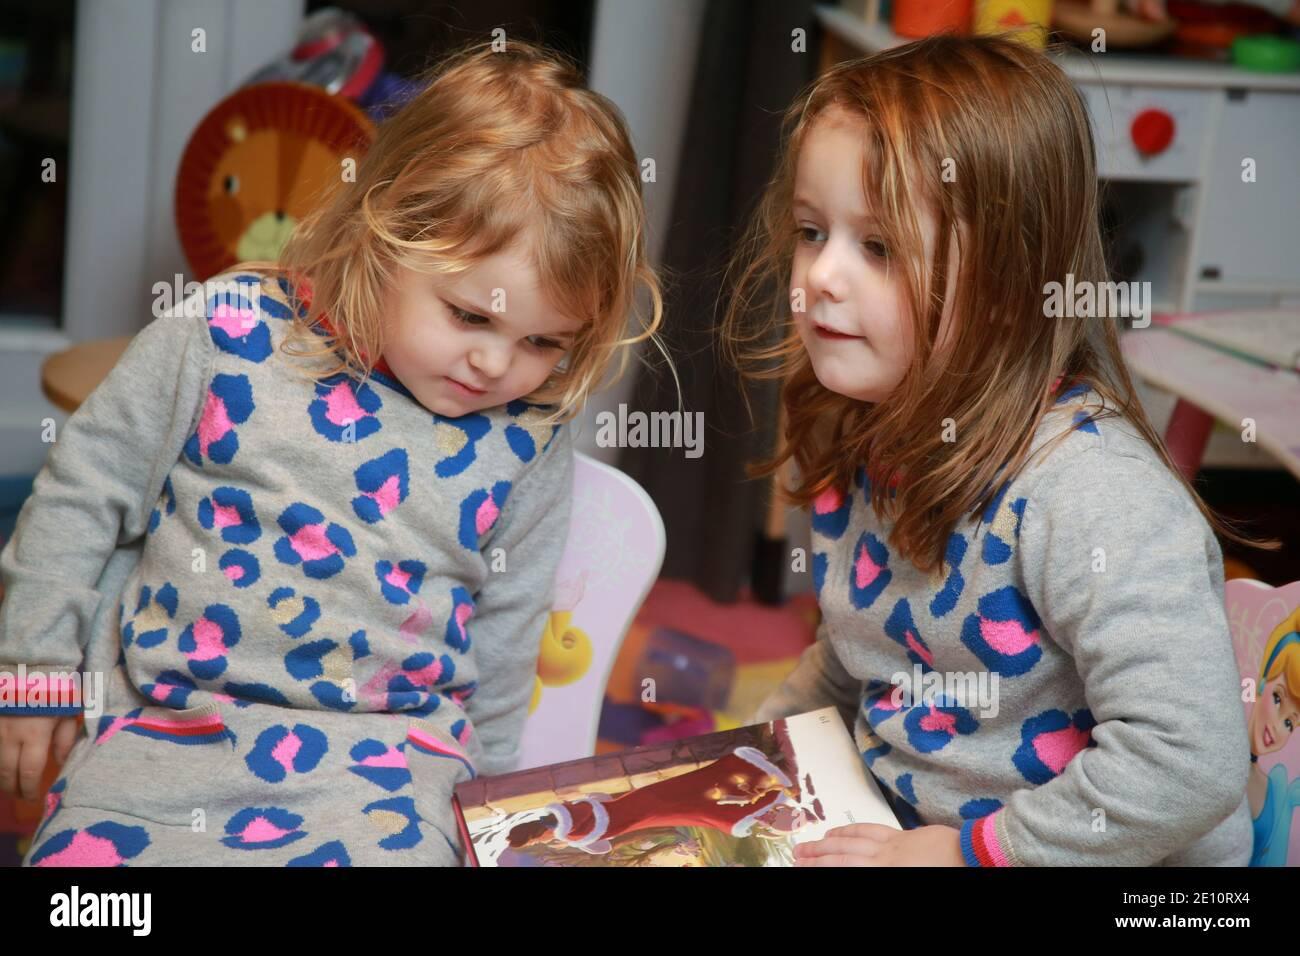 Una ragazza di 4 anni che legge un libro alla sua sorellina. Foto Stock